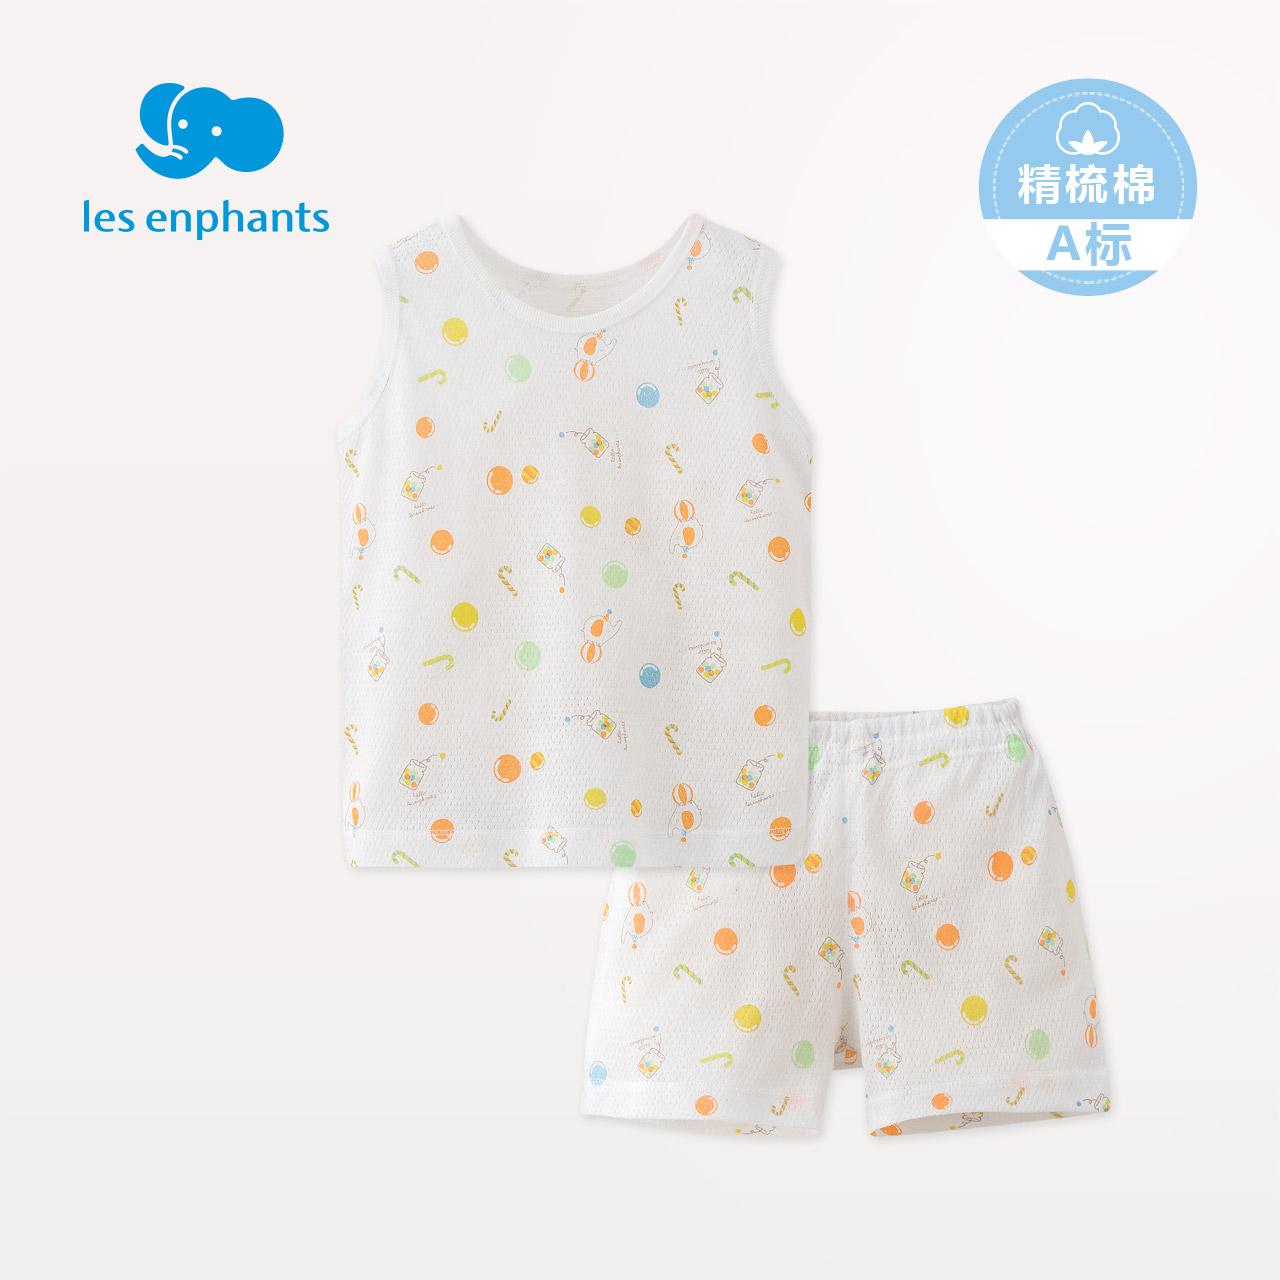 丽婴房婴儿衣服儿童纯棉内衣套装男女童夏季薄款背心套装2018款